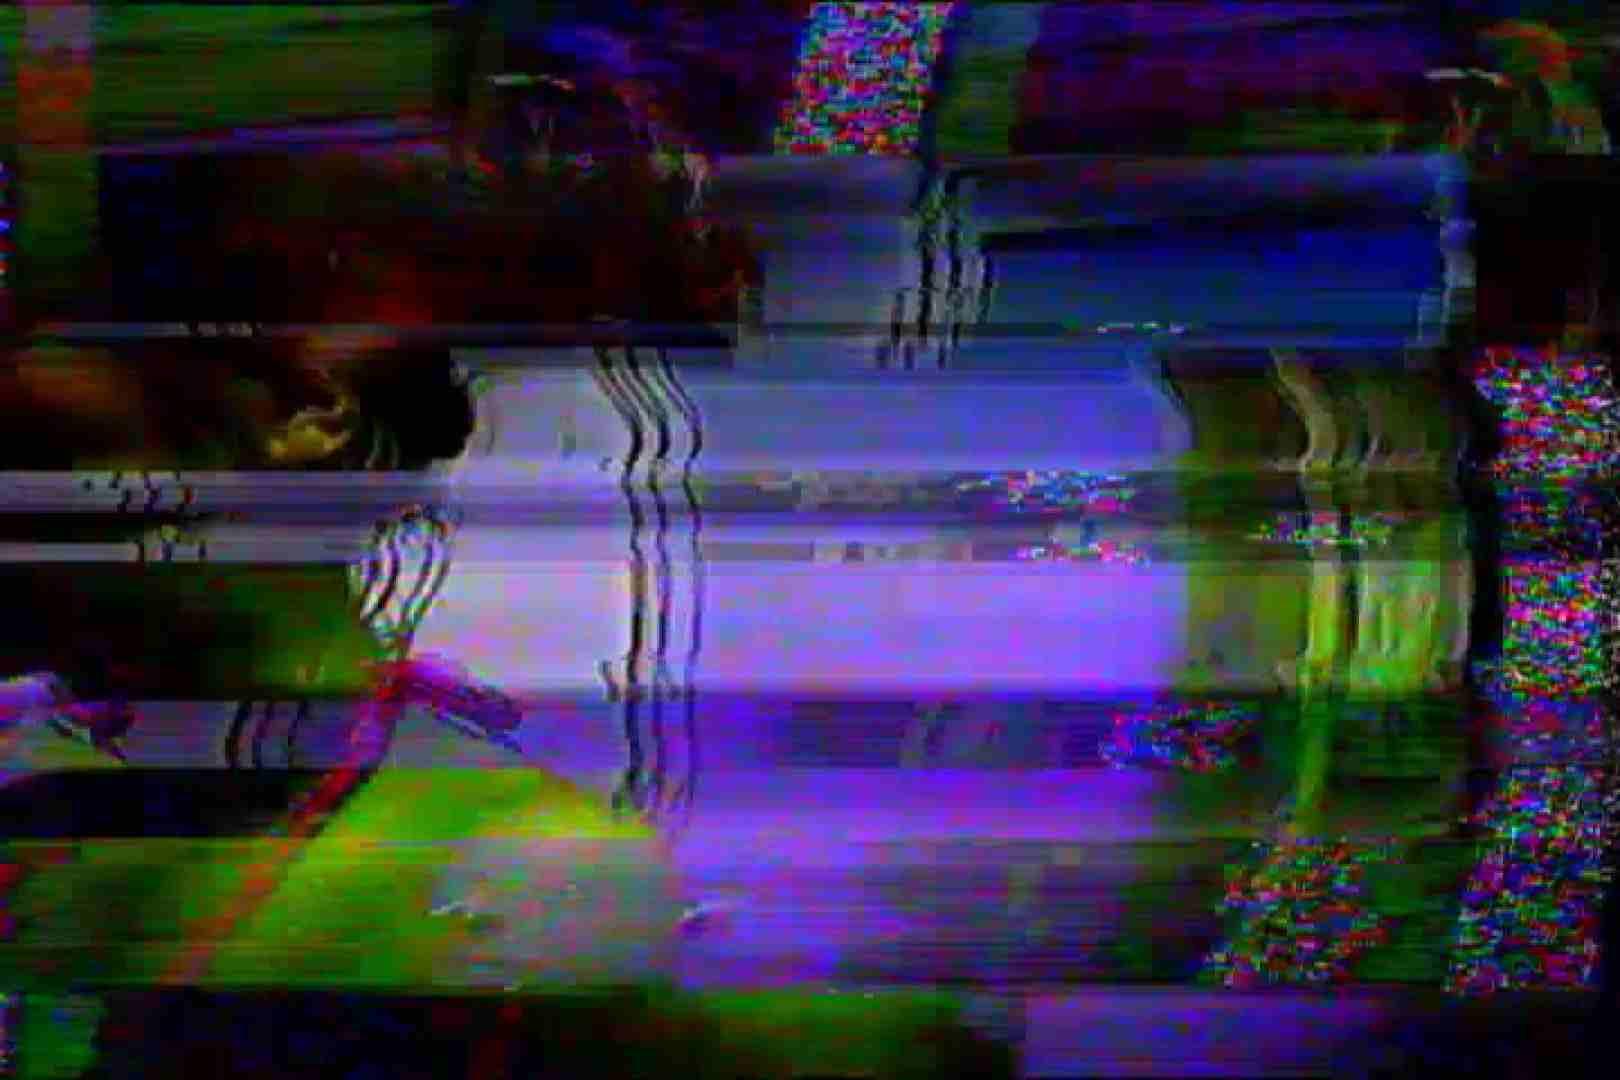 海の家の更衣室 Vol.20 美肌 AV無料 107画像 68